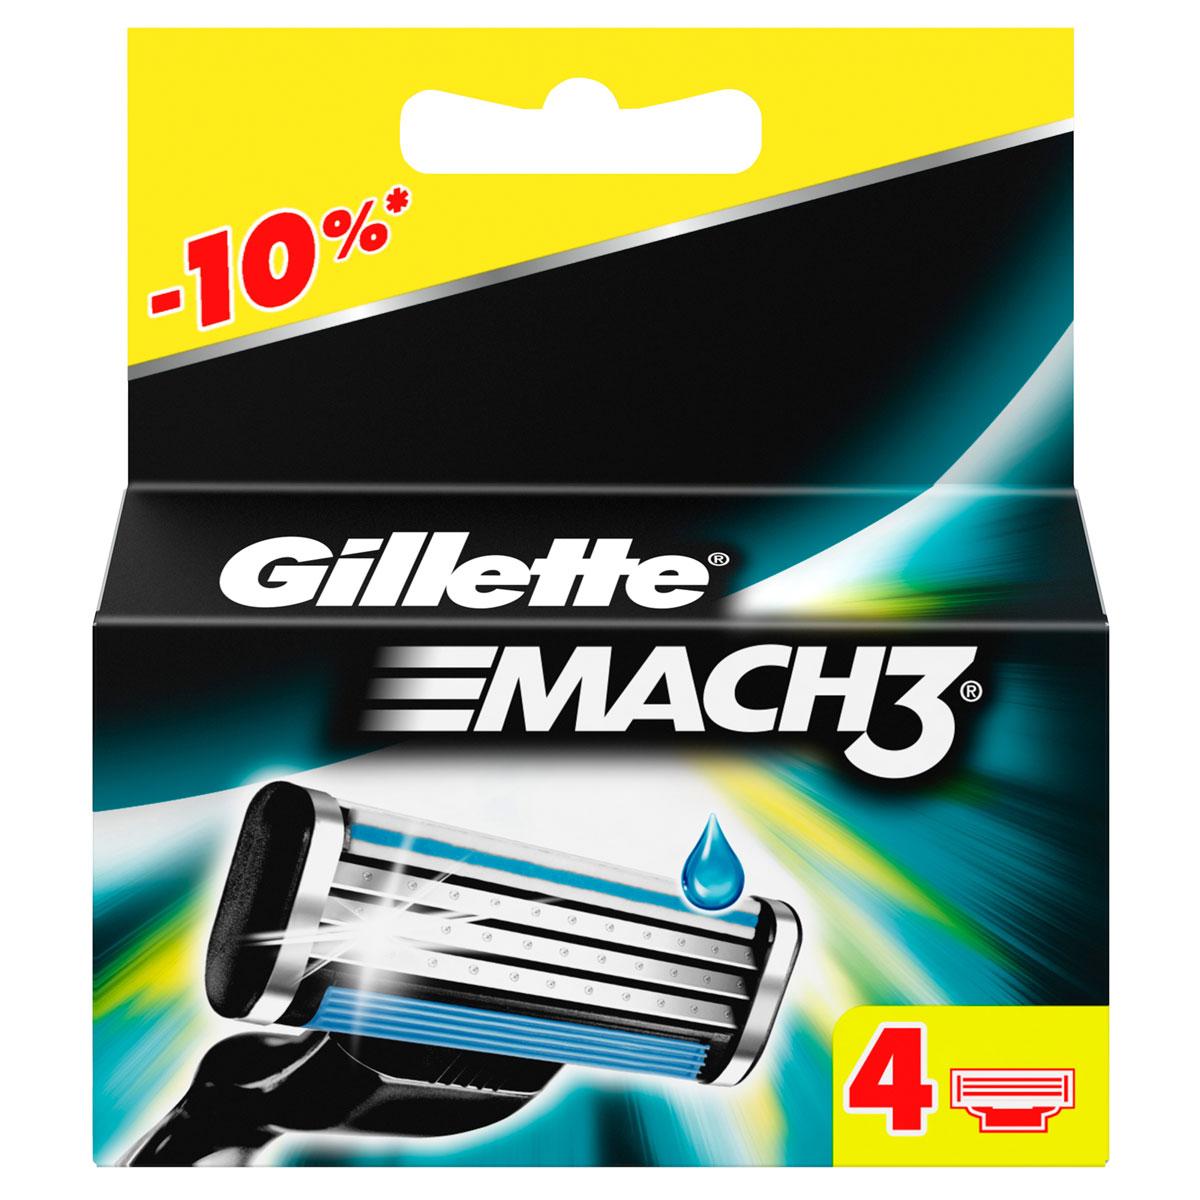 Сменные кассеты для бритья Gillette Mach 3, 4 шт.15032030Даже 10-ое бритье Mach3 комфортнее 1-го одноразовой бритвой.Почувствуйте исключительную эффективность Mach3! Это бритва включает в себя гелевую полоску, которая способствует скольжению и защищает кожу от покраснения, также полоска исчезает, когда кассету пора менять. Плавающая головка обеспечивает тесный контакт лезвий с кожей, удобная ручка адаптируется к контурам лица для более легкого и комфортного бритья (по сравнению с одноразовыми бритвенными станками Blueell Plus). Даже после десятого использования бритвы ощущения более приятные, чем от одноразовых станков (по сравнению с одноразовыми станками для бритья Bluell Plus).По сравнению с Gillette BlueII Plus Срок хранения – 5 лет.Страна производства – Польша. Характеристики:Комплектация: 4 сменные кассеты. Товар сертифицирован.Состав смазывающей полоски: PEG-115M, PEG-7M, PEG-100, BHT, TOCOPHERYL ACETATE.